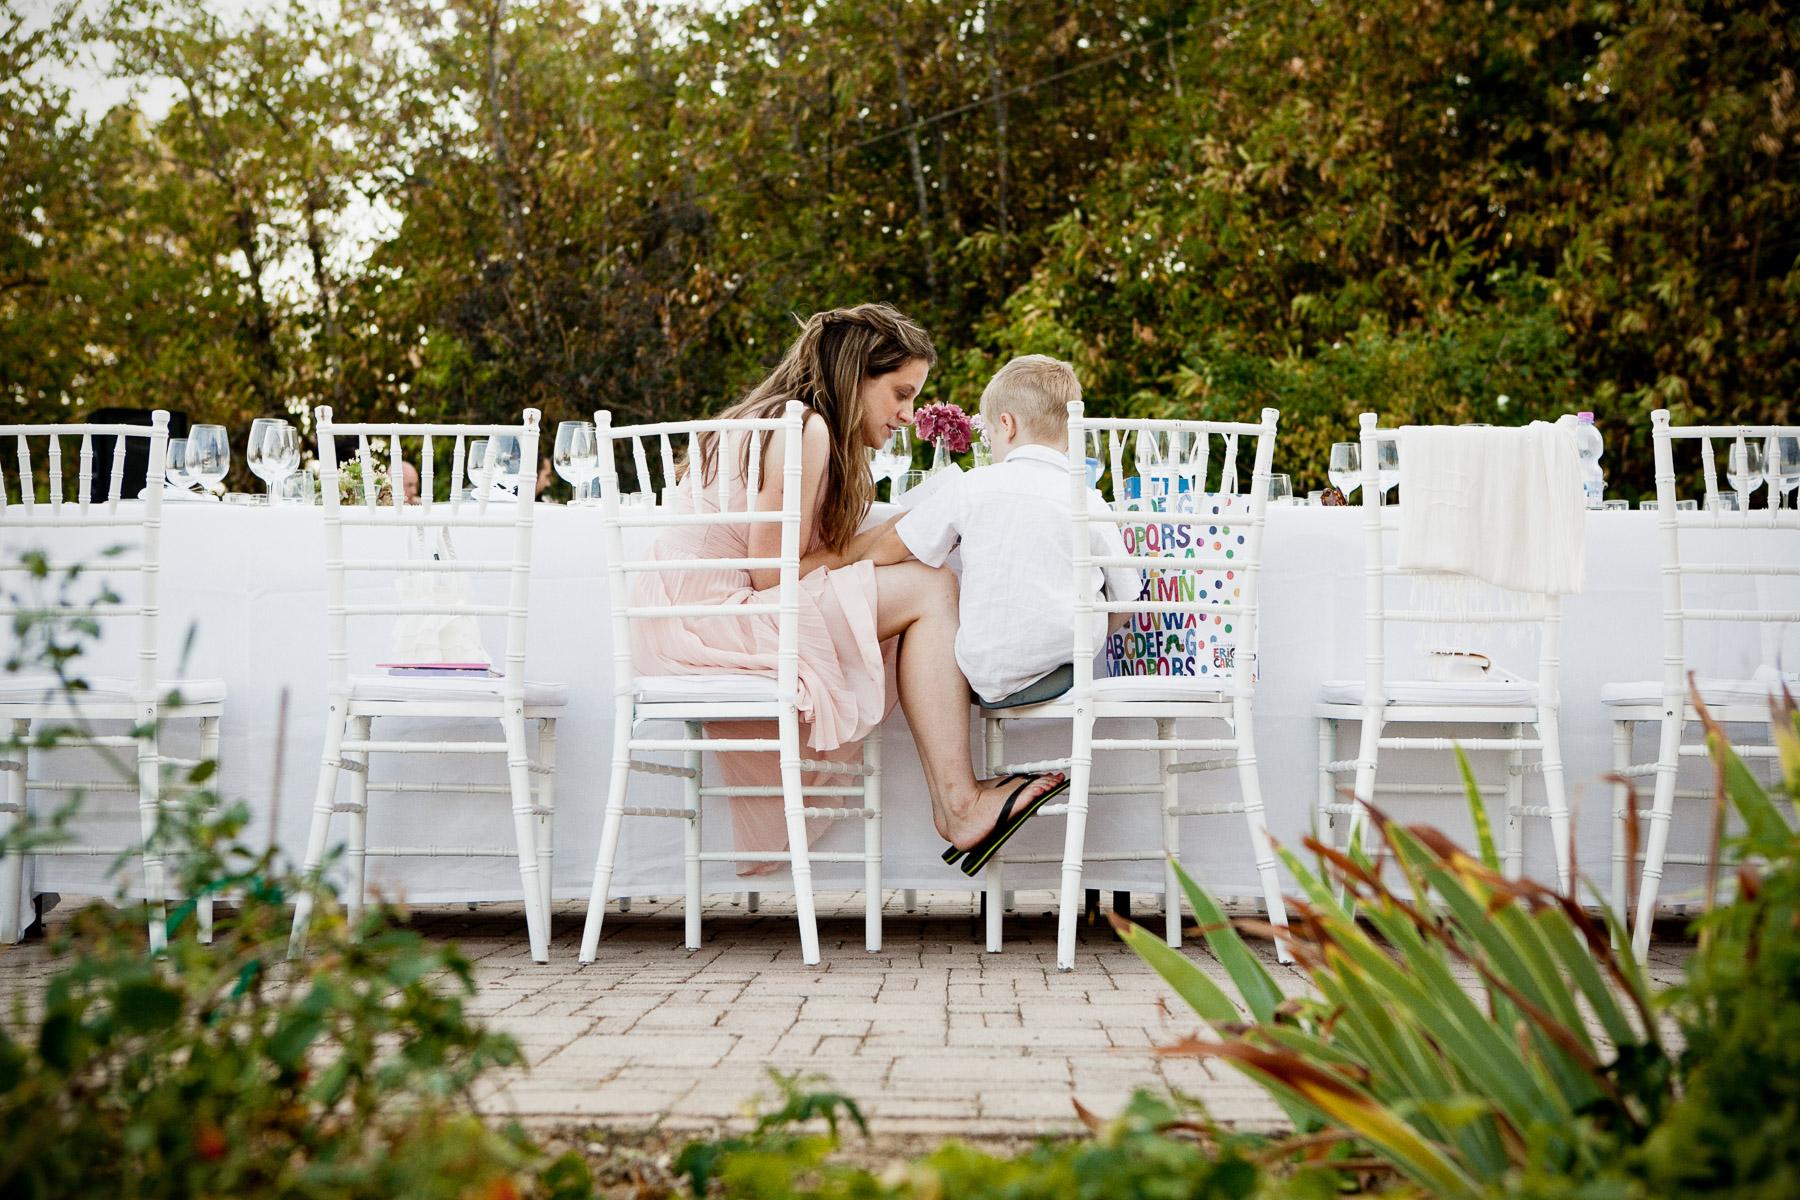 wedding portfolio 25-09-17  193.jpg